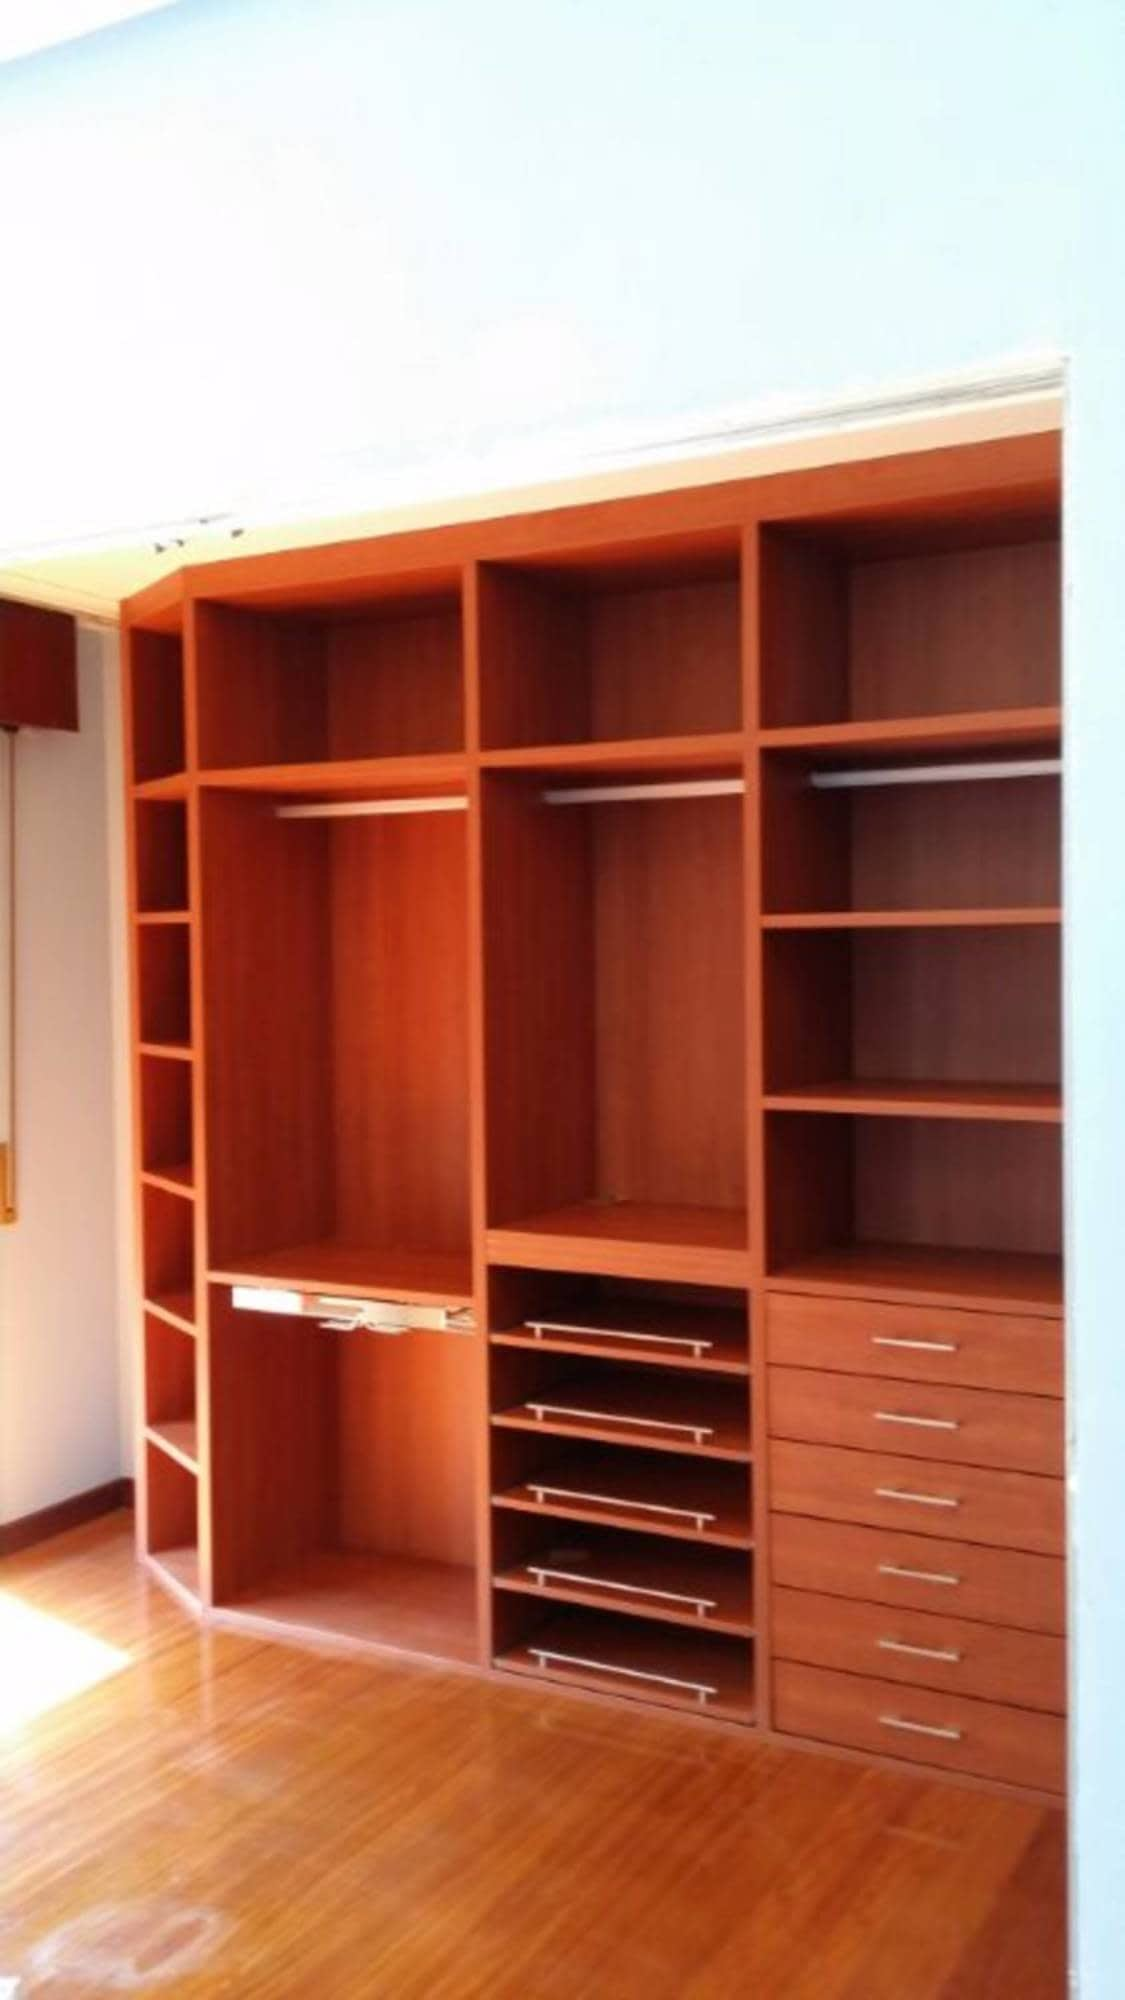 Tienda Muebles Bizkaia Muebles Vizcaya Tienda Online De Venta De  # Muebles Balmaseda